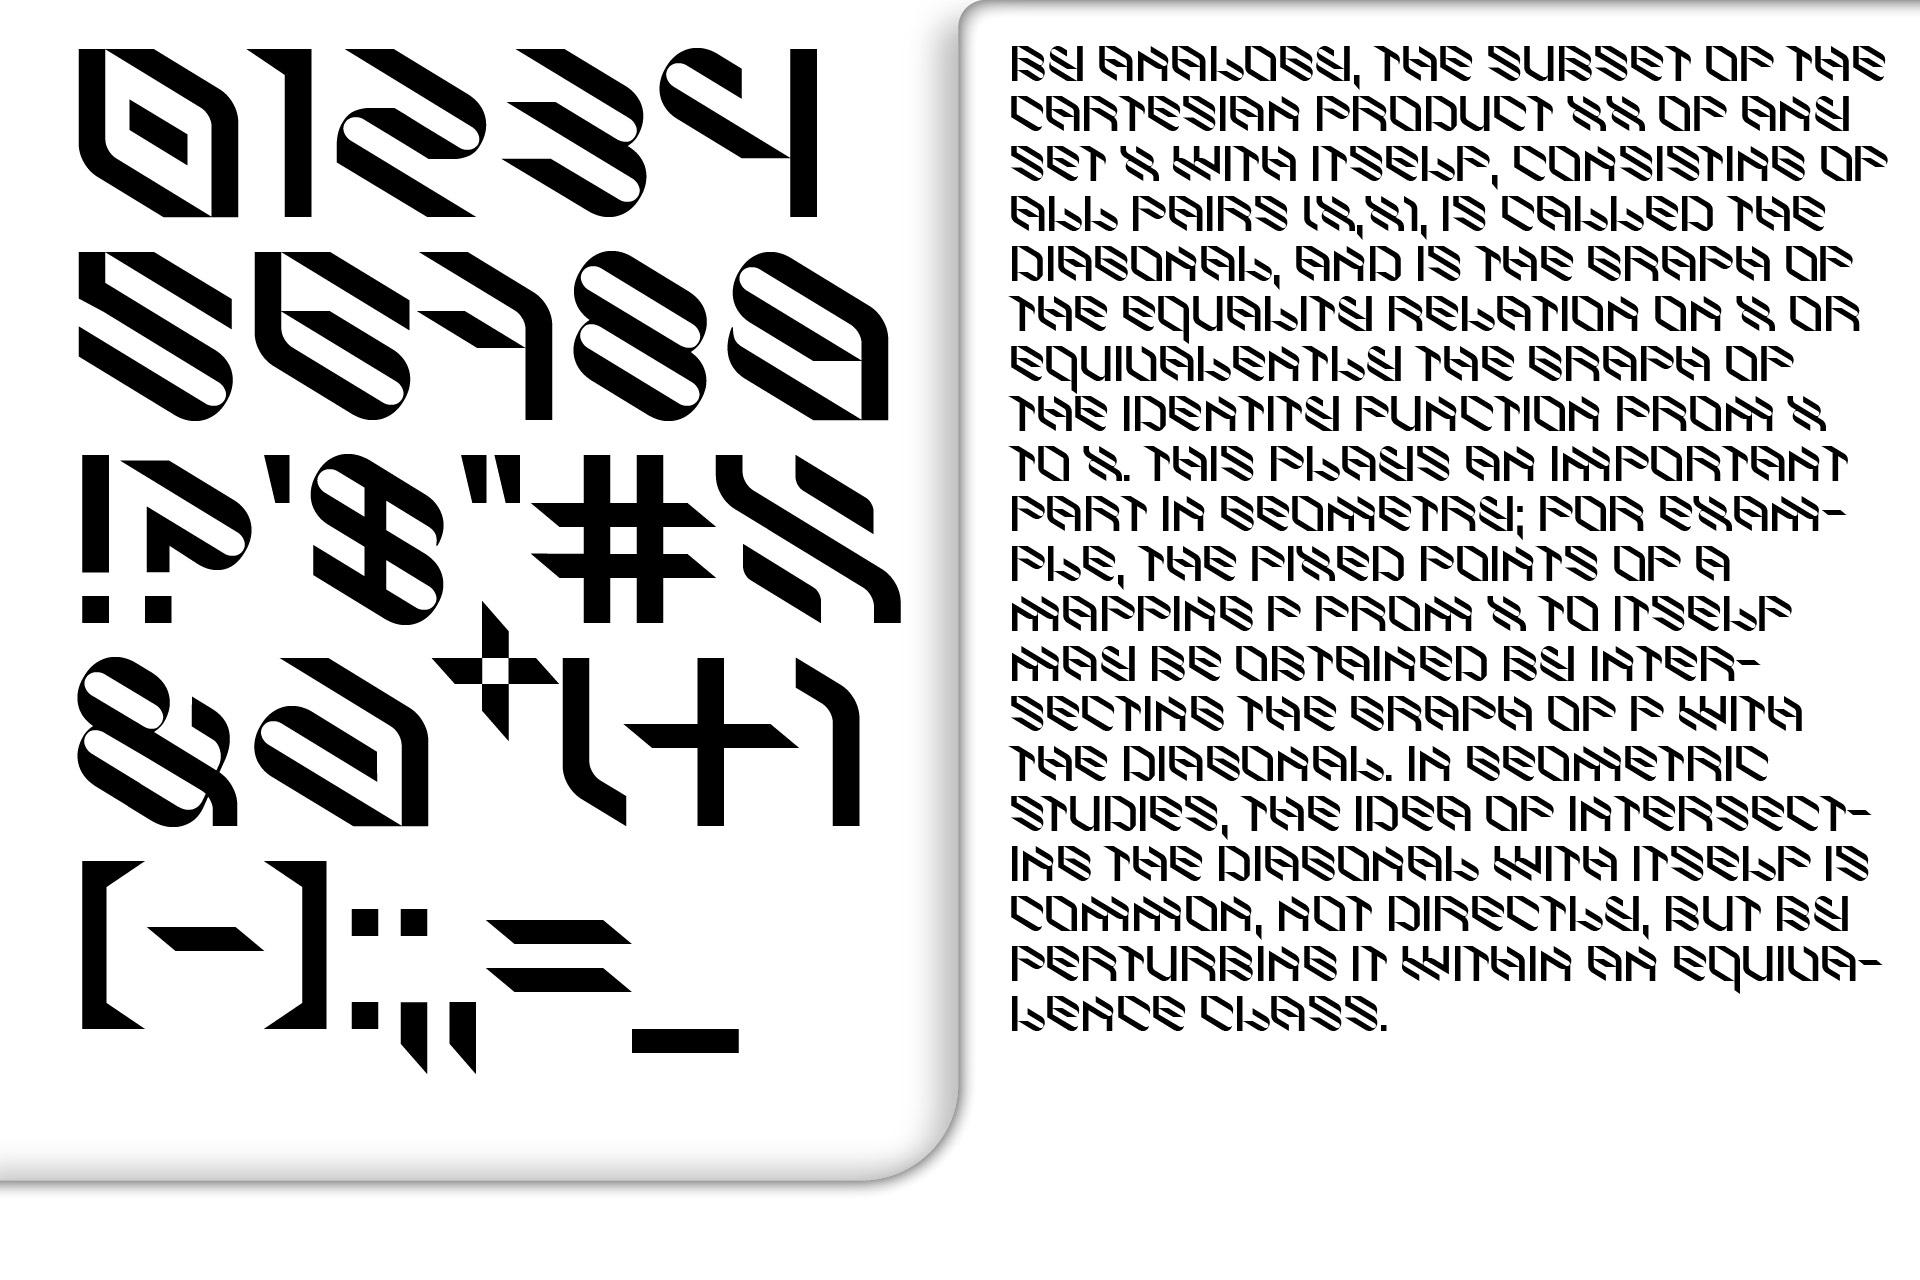 倾斜对角线英文字体下载 Eskos Typeface插图(18)